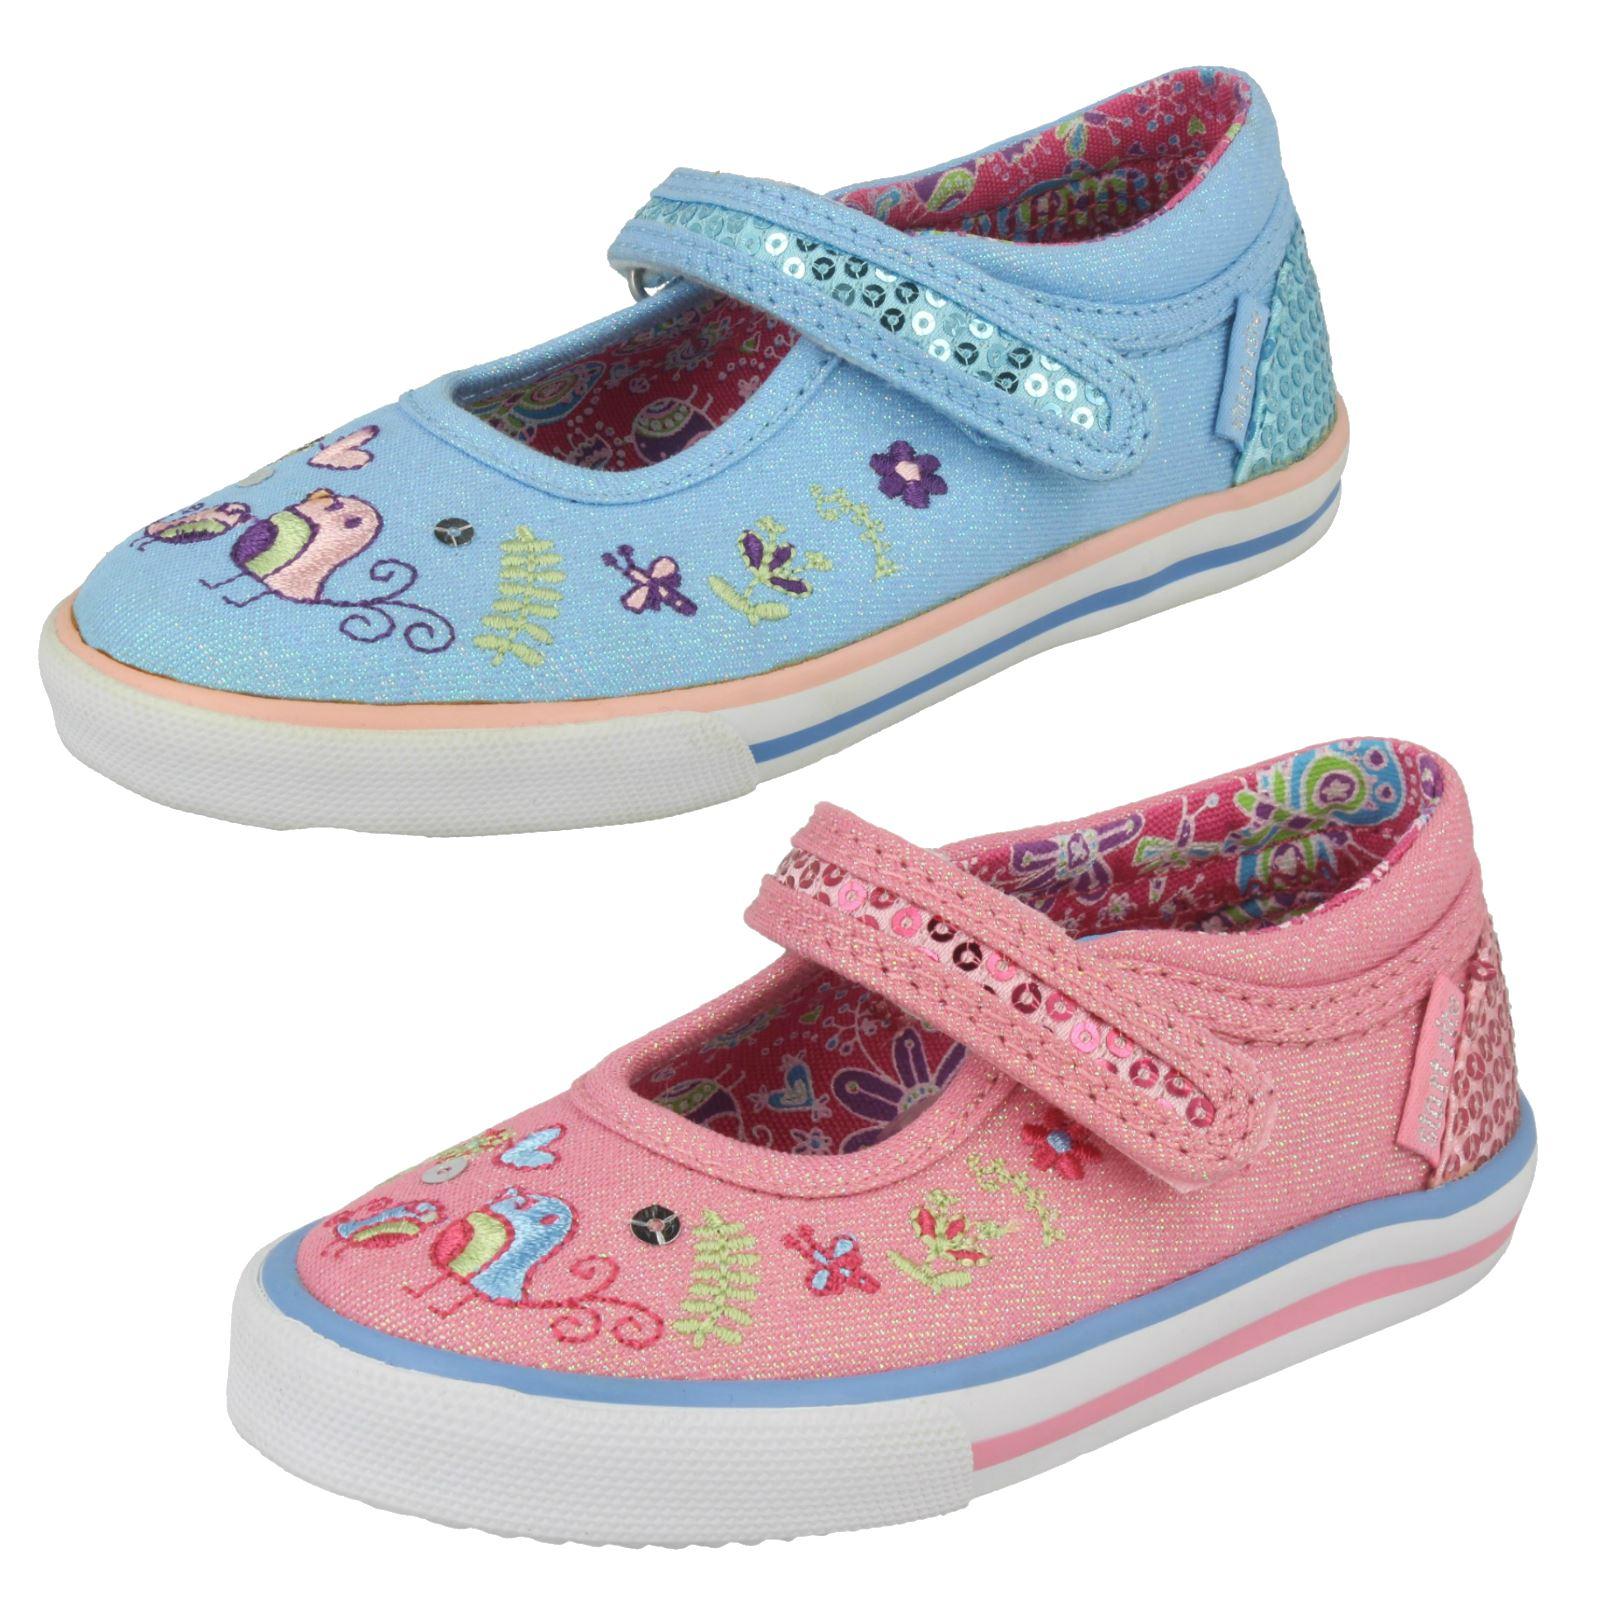 84d88554ed850 Pour bébés filles Startrite Mary Jane Riptape Glitter Sparkle toile pompes  Paradise